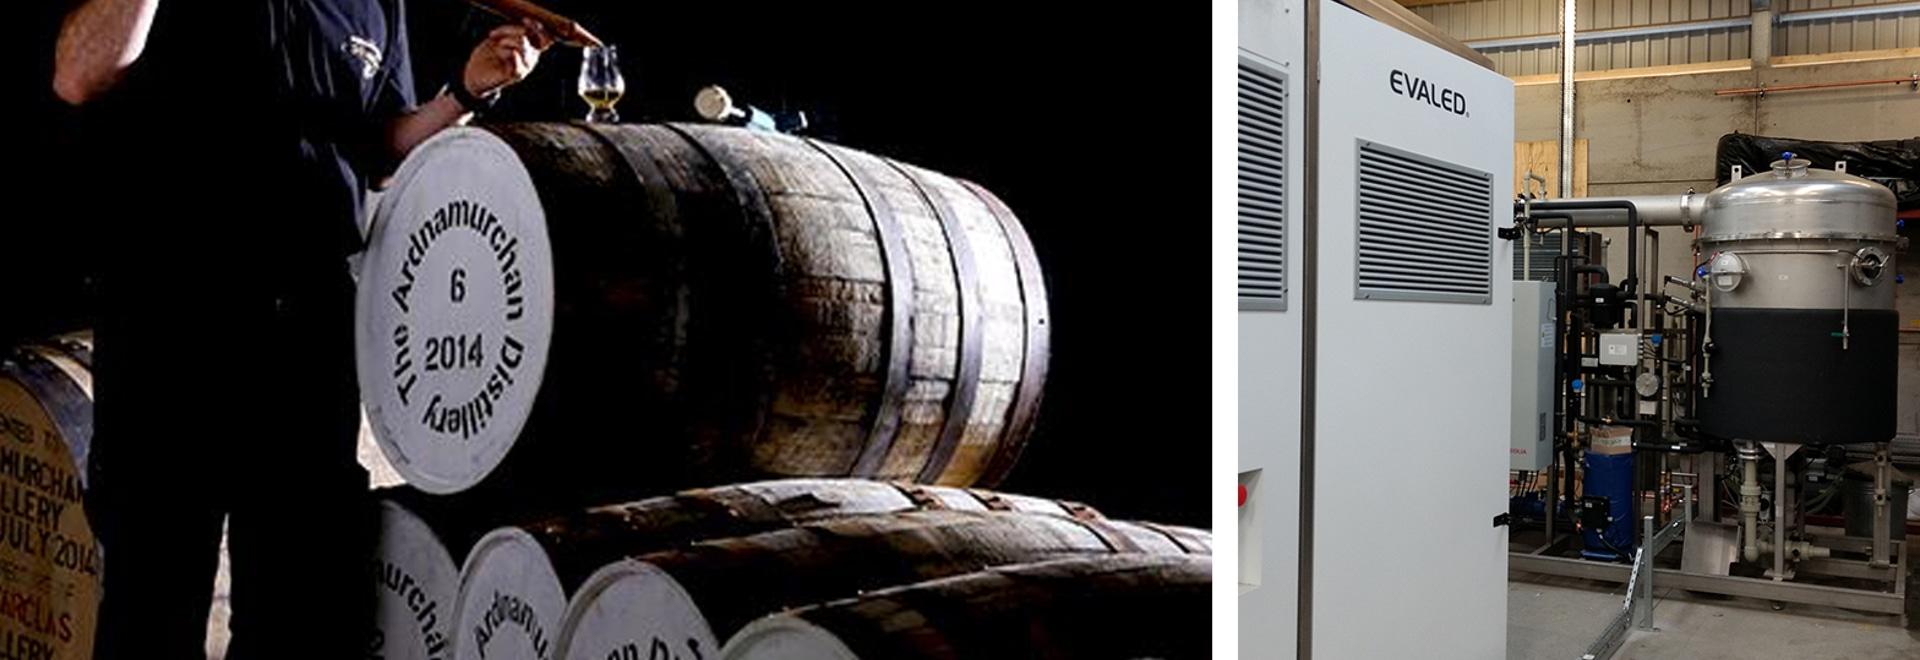 Brennereiabfälle: von Pot Ale zu Pot Ale Sirup